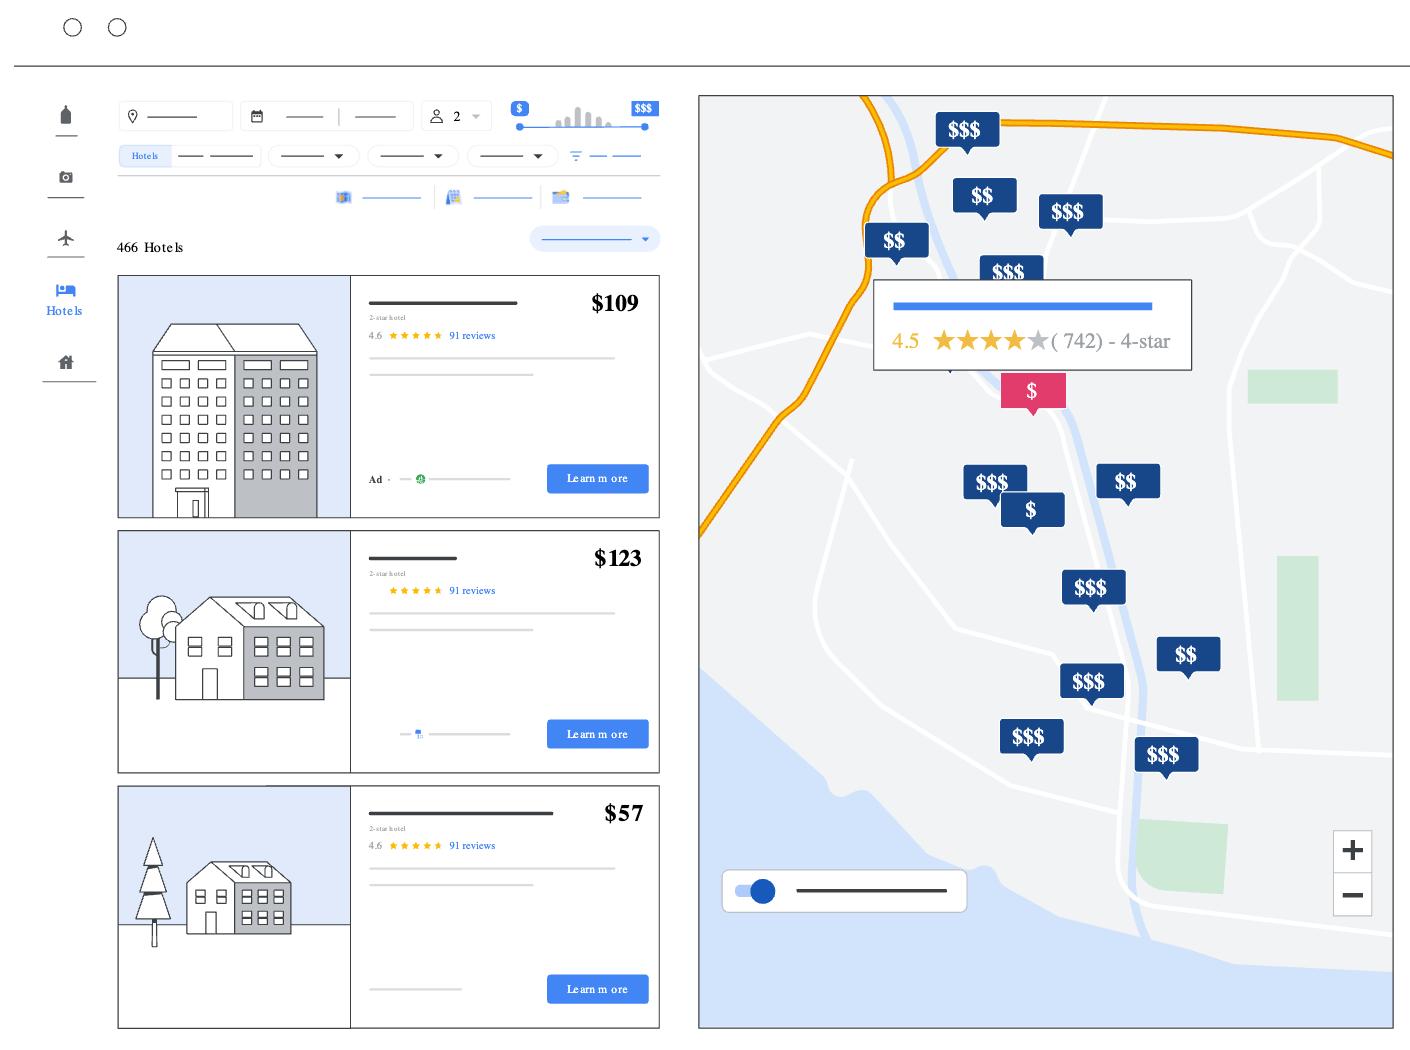 Как выглядят рекламные объявлений отелей в Google Картах